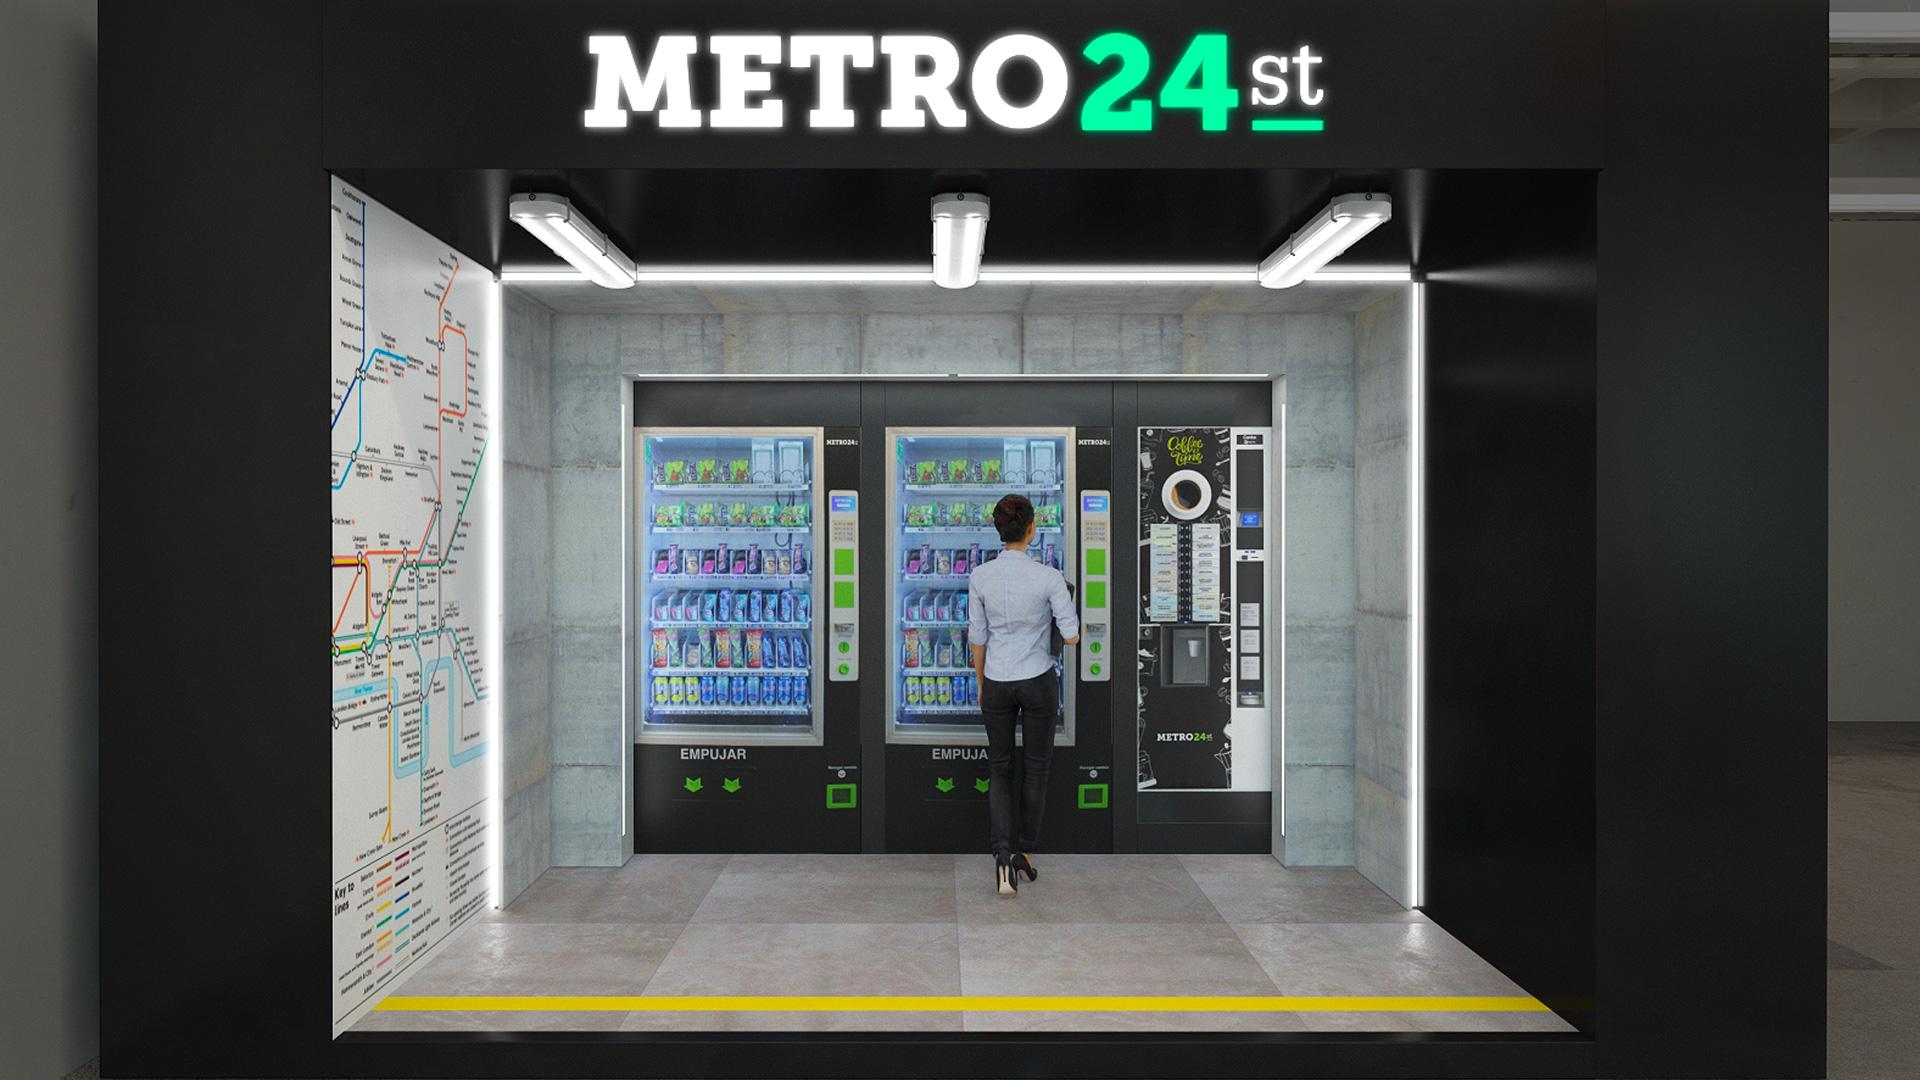 tienda metro24st